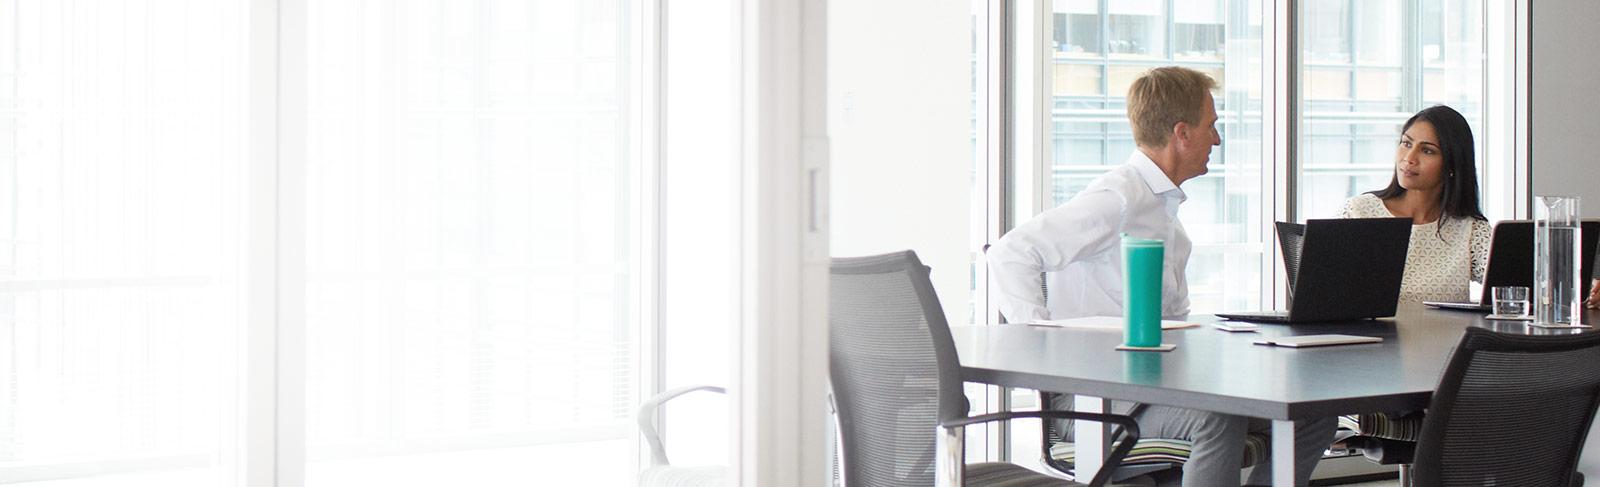 Két munkatárs a laptopján az Office 365 Nagyvállalati E3 csomagot használja egy konferenciateremben.